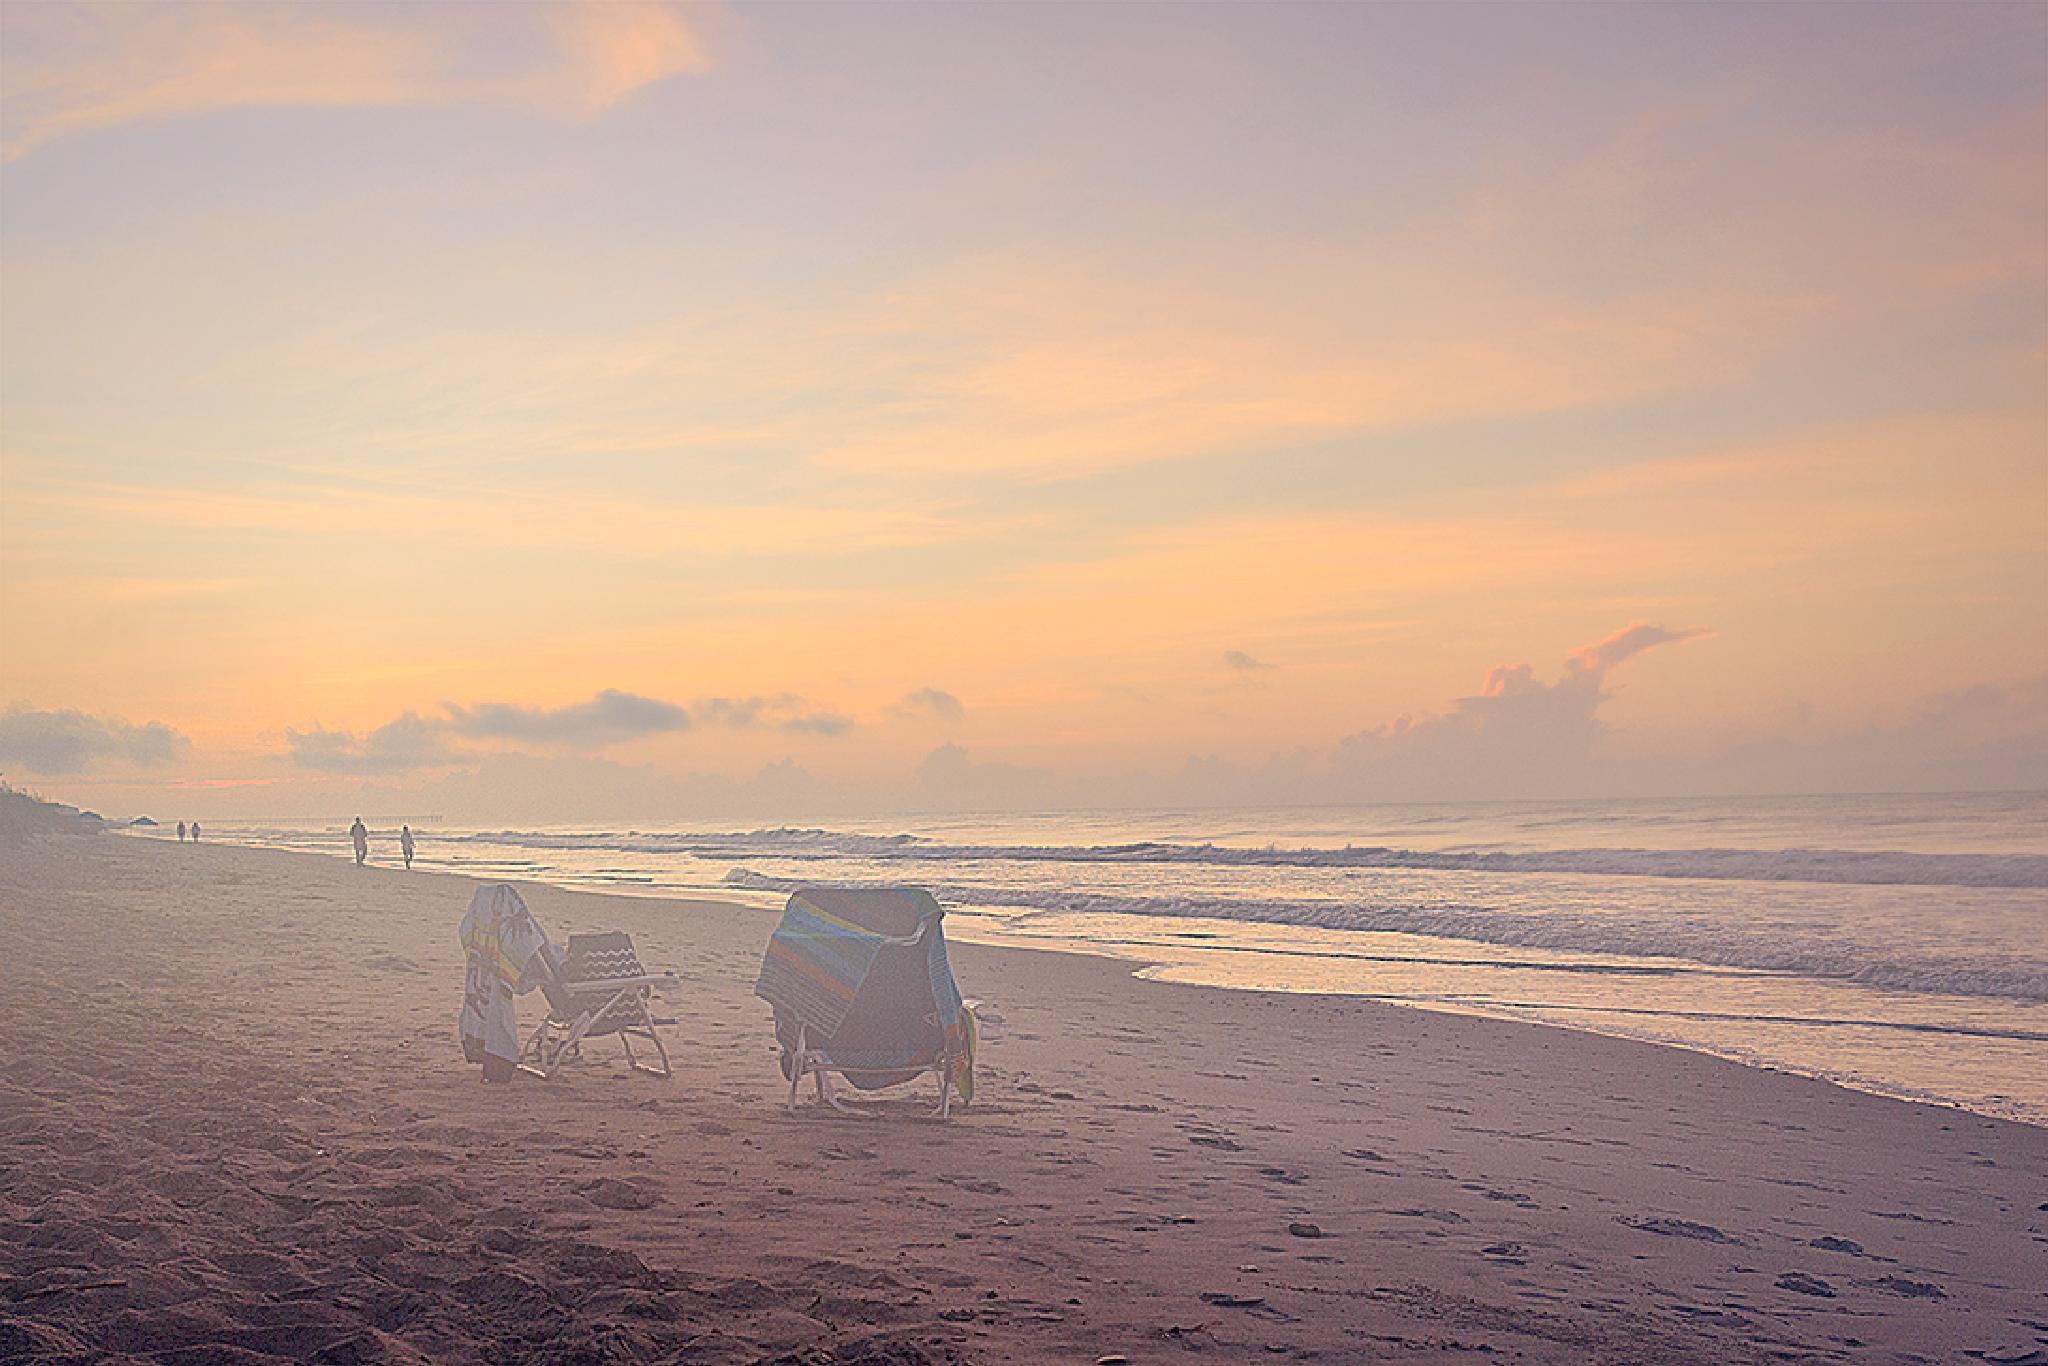 Foggy morning at the Topsail Beach by Mirela Savu